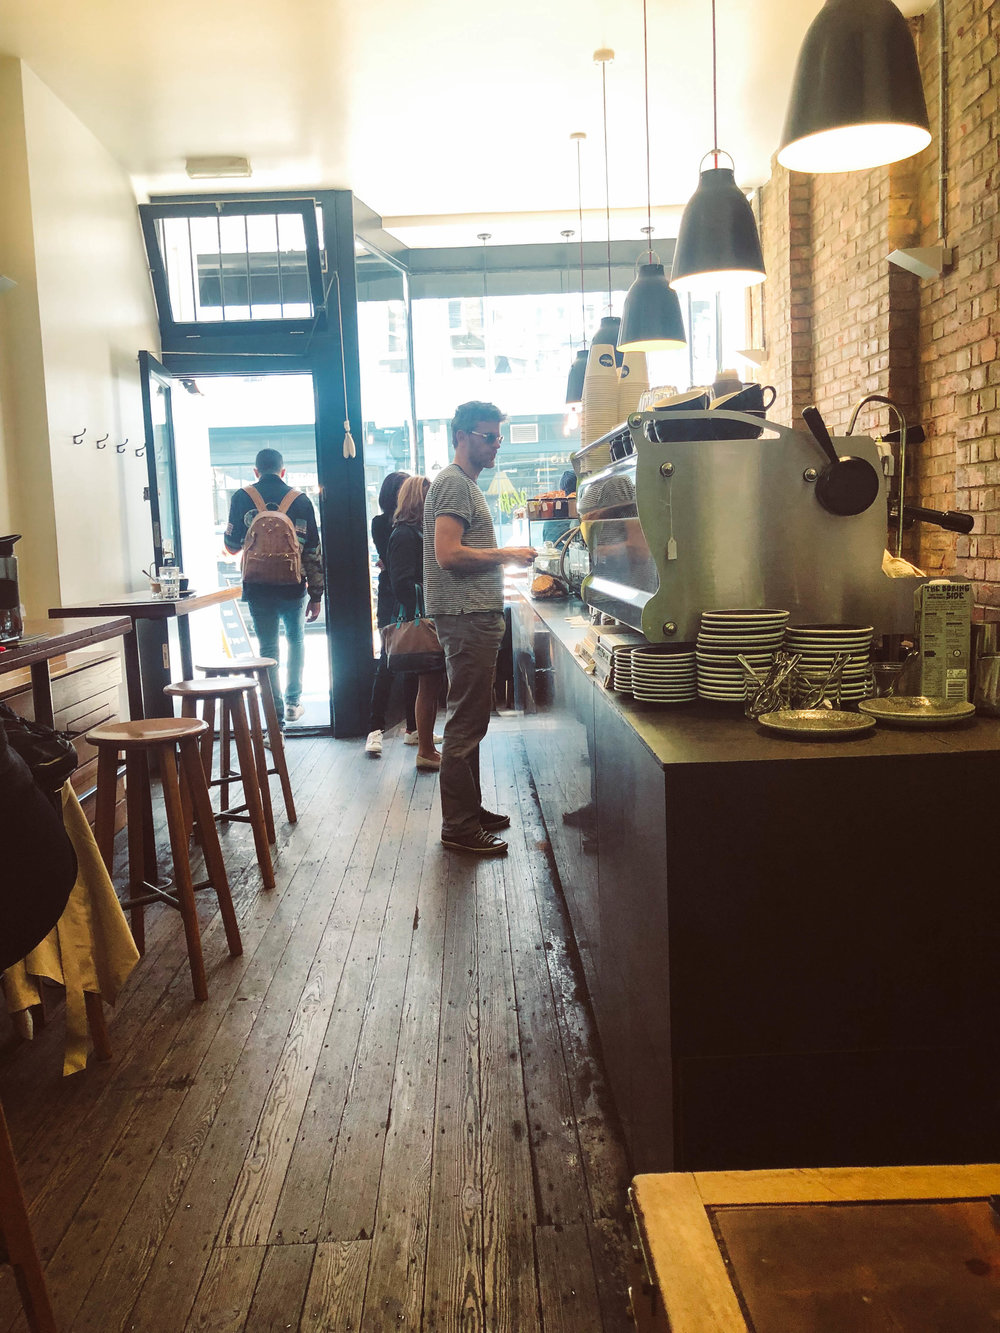 Kaffeine Coffee in London